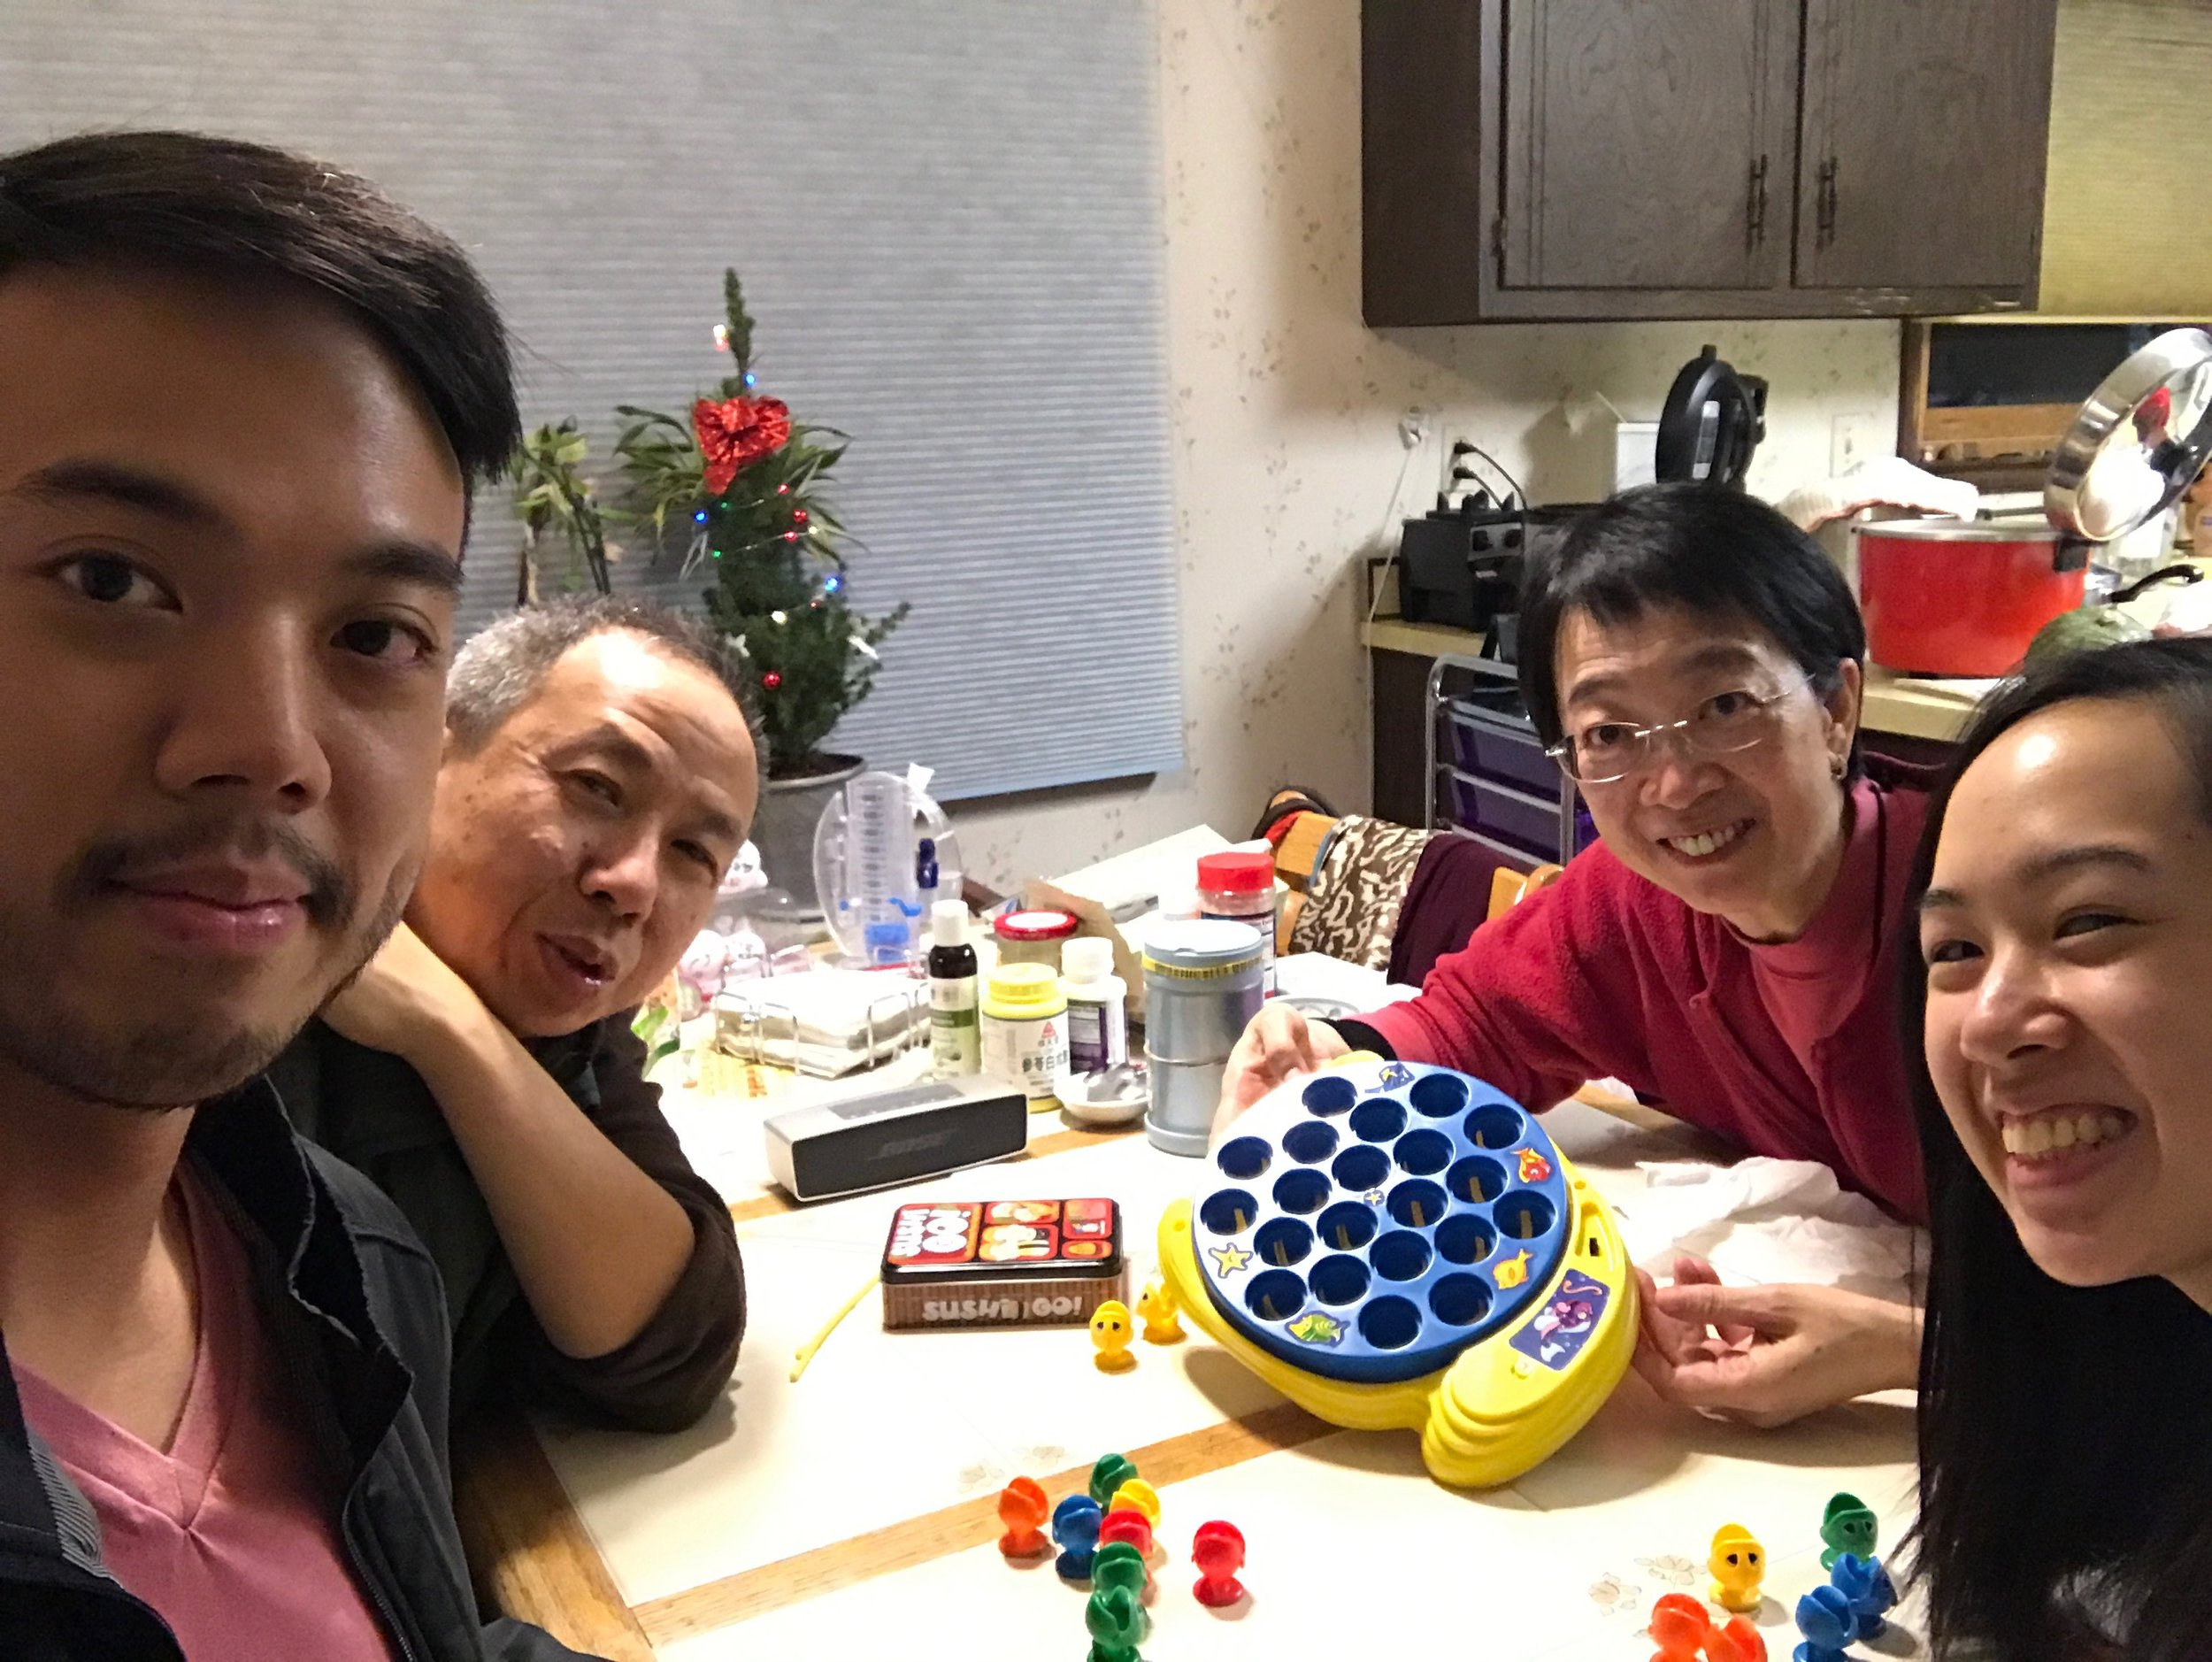 Family time on Christmas